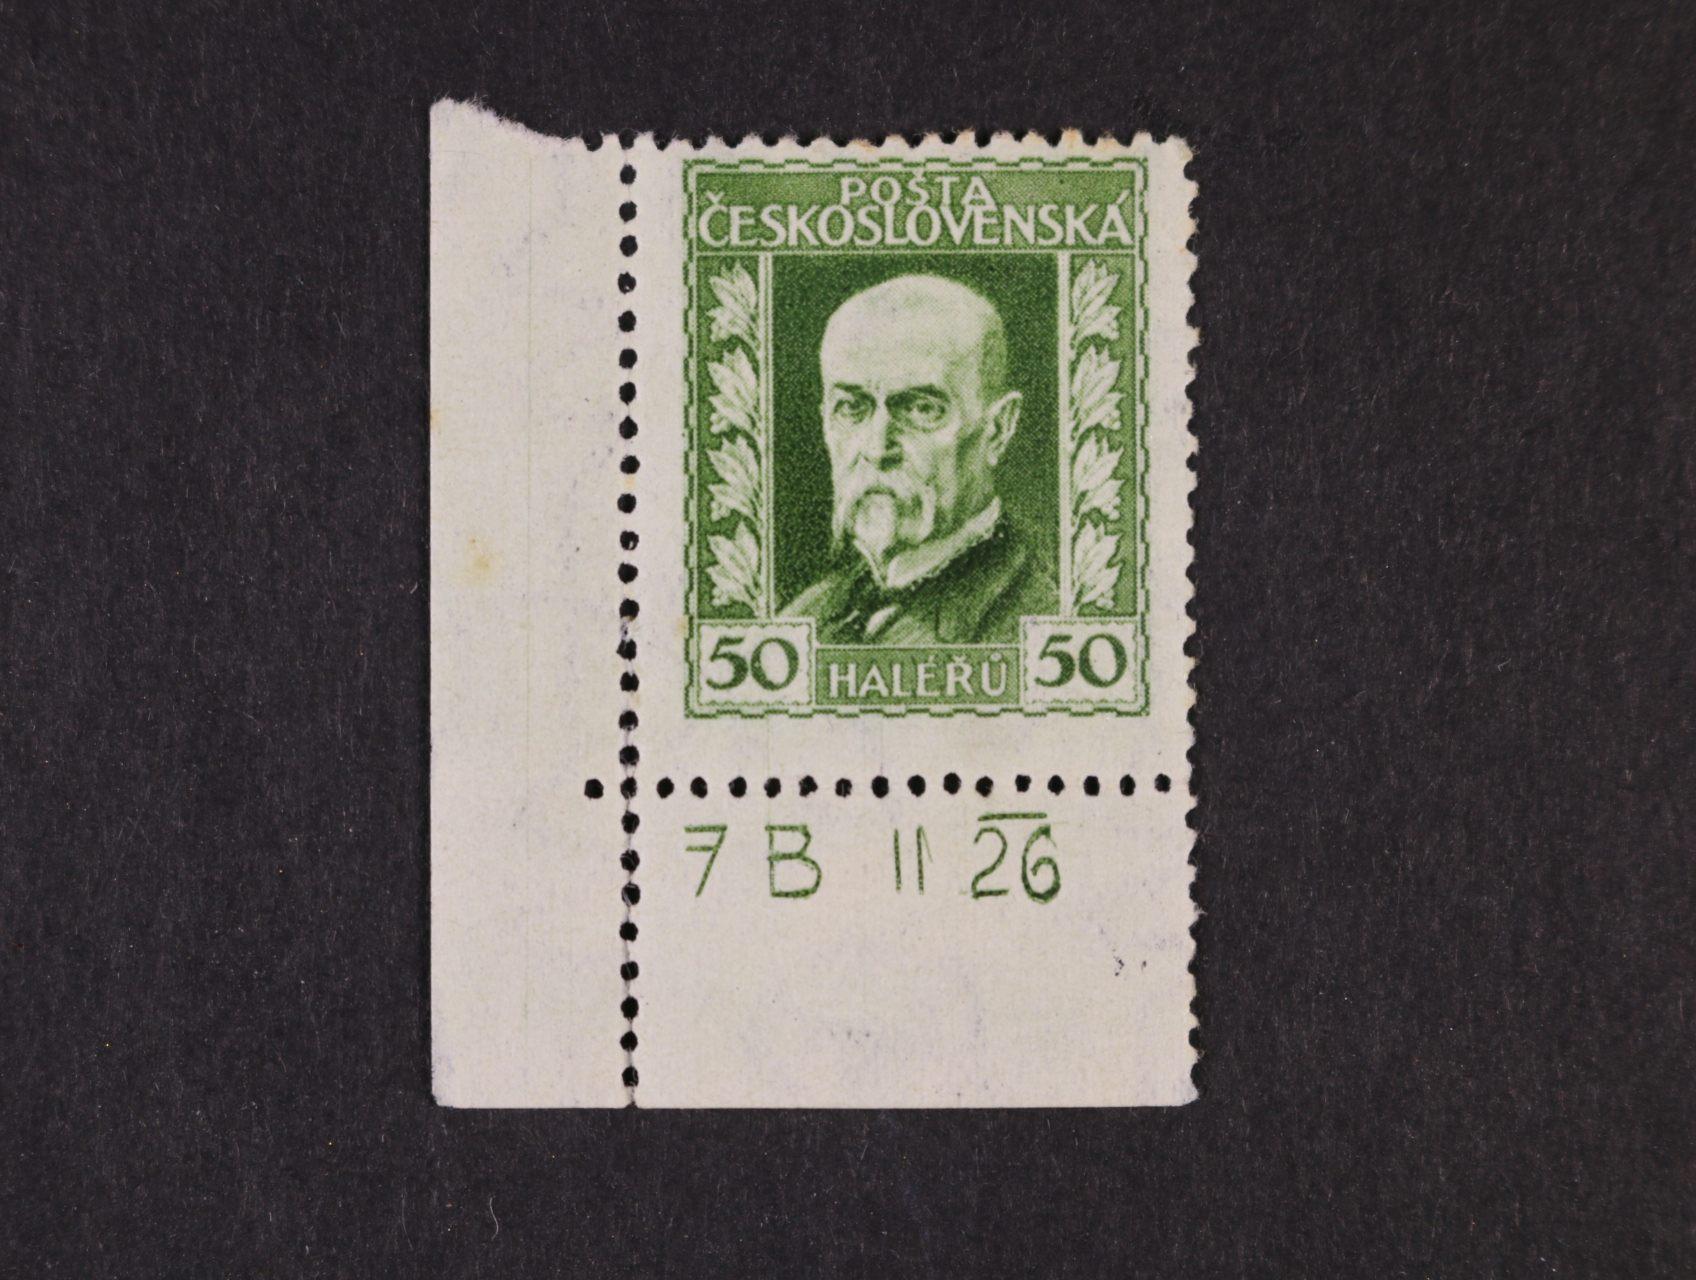 zn. č. 188 A, pr. 3 - levý spodní roh. kus s DZ 7 B  II 26